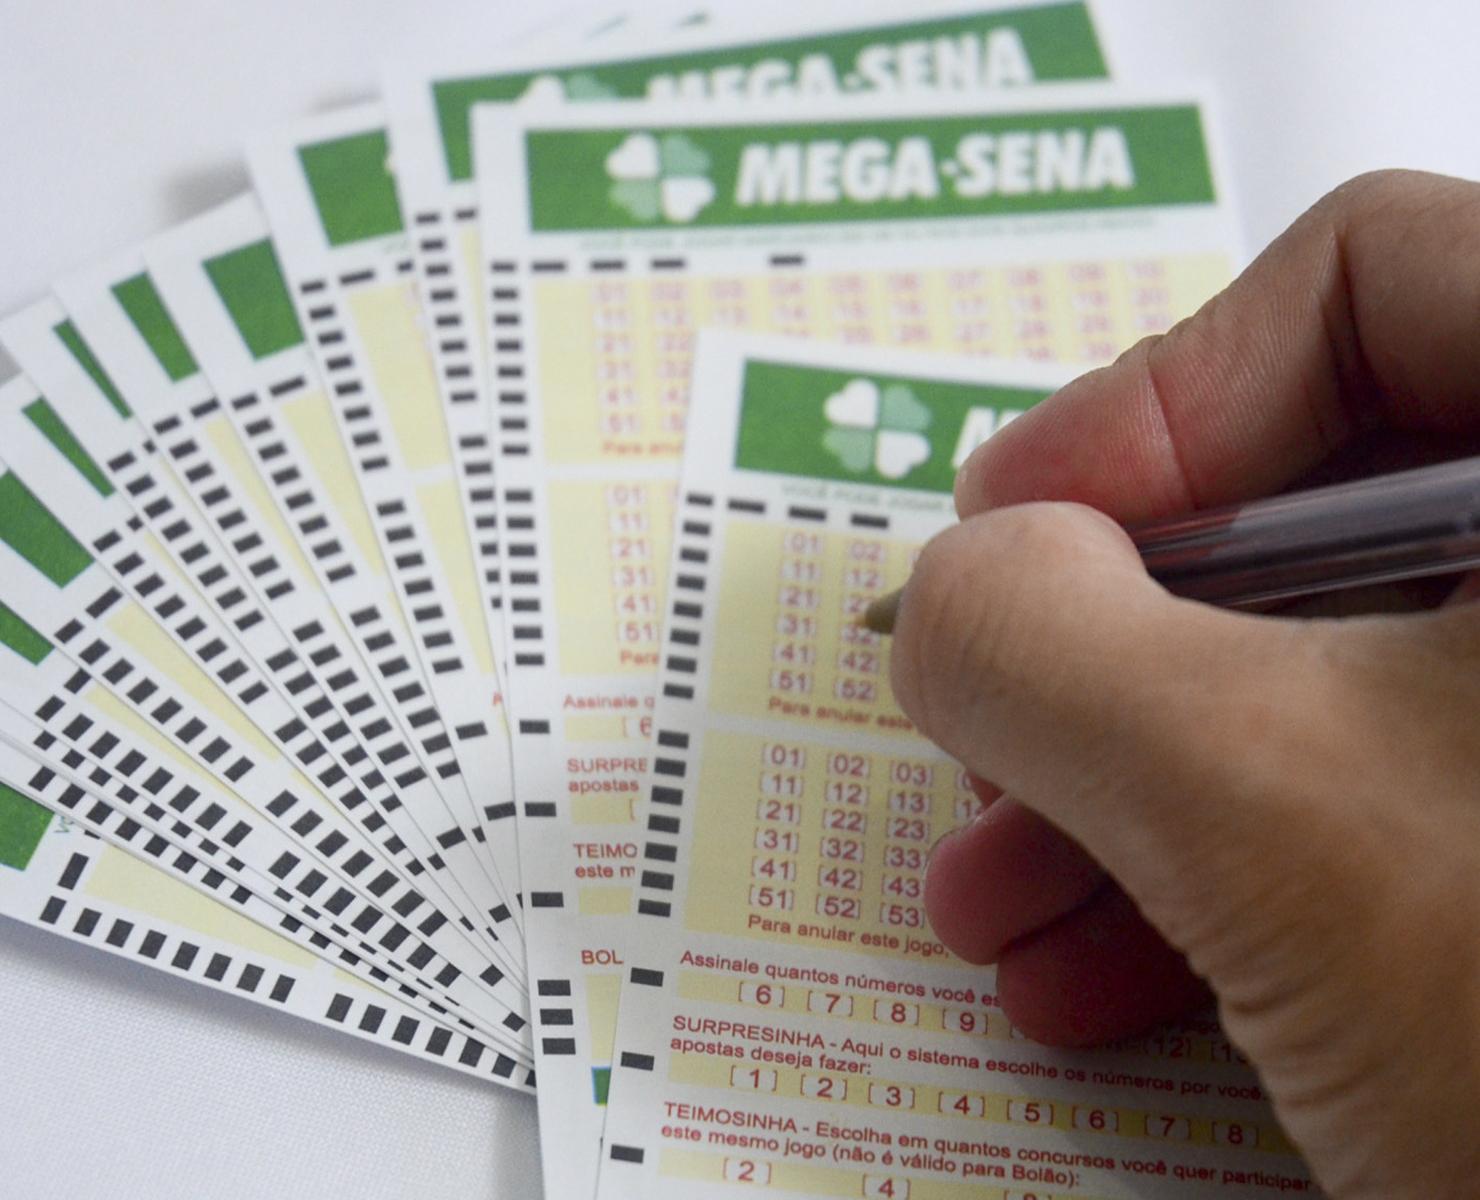 LOTERIAS: APOSTAS PODERÃO SER REAJUSTADAS; MEGA-SENA PODERÁ SUBIR PARA R$ 4,50